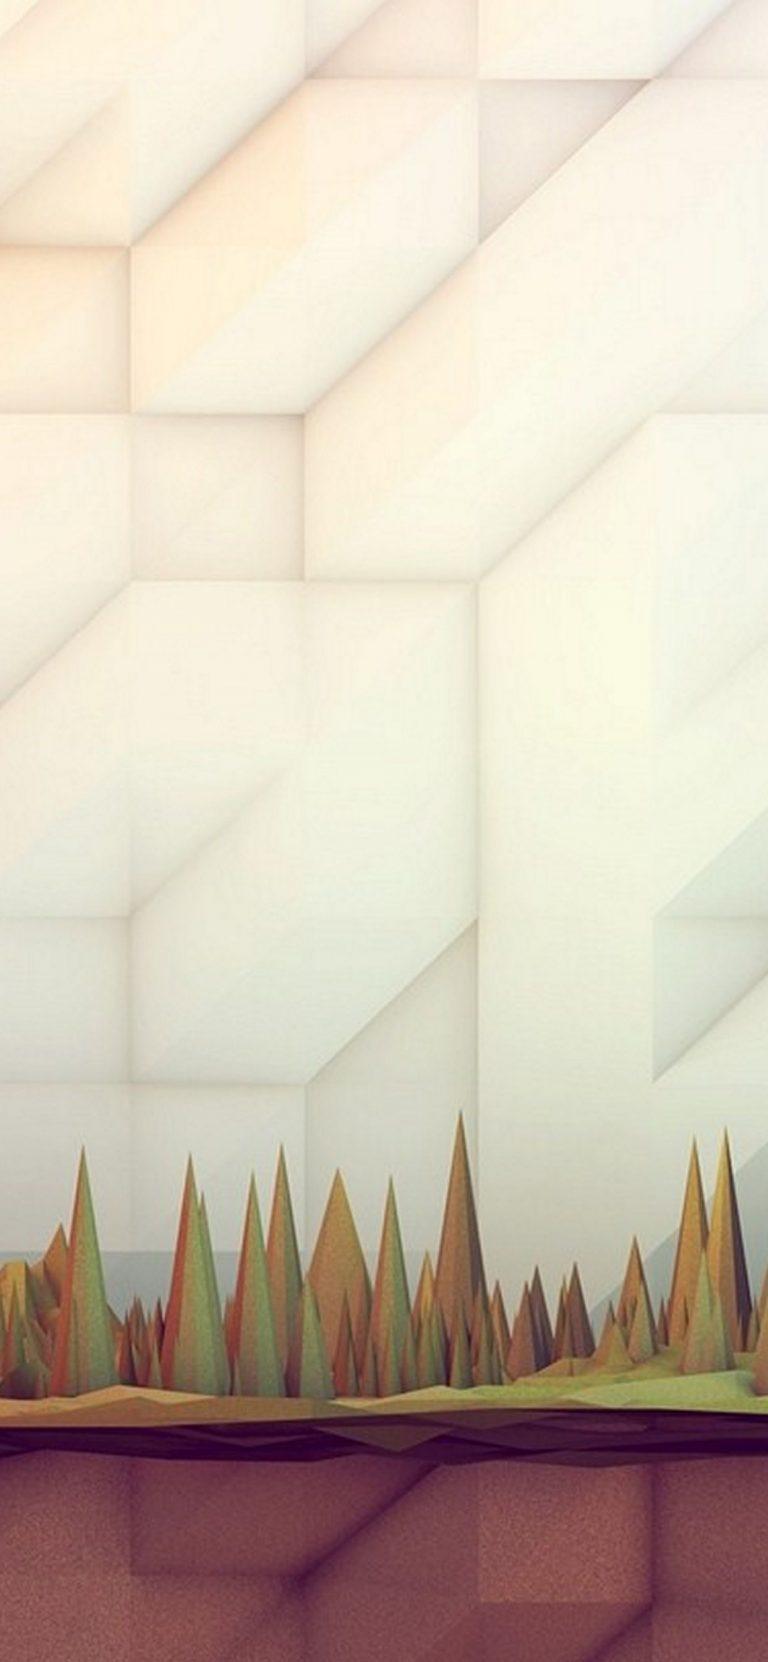 1242x2688 Wallpaper 188 768x1662